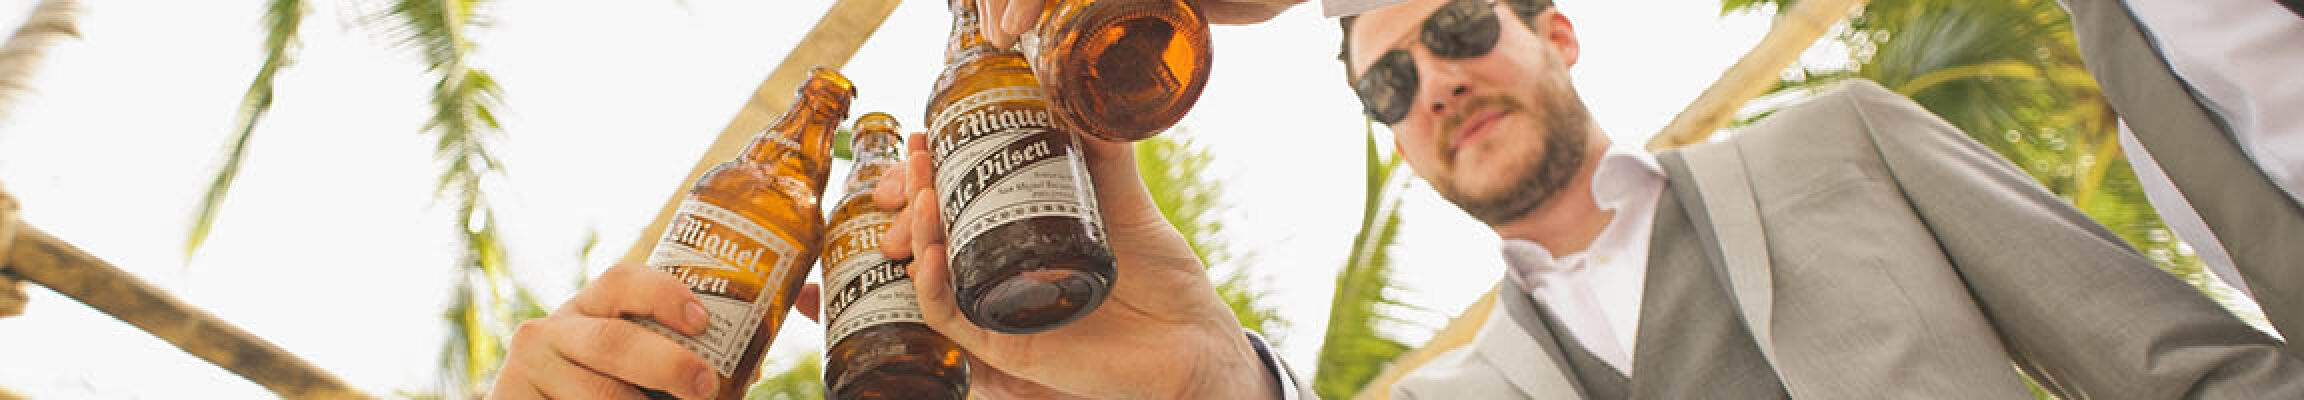 Alkohol und Training - Wenn dann bitte so